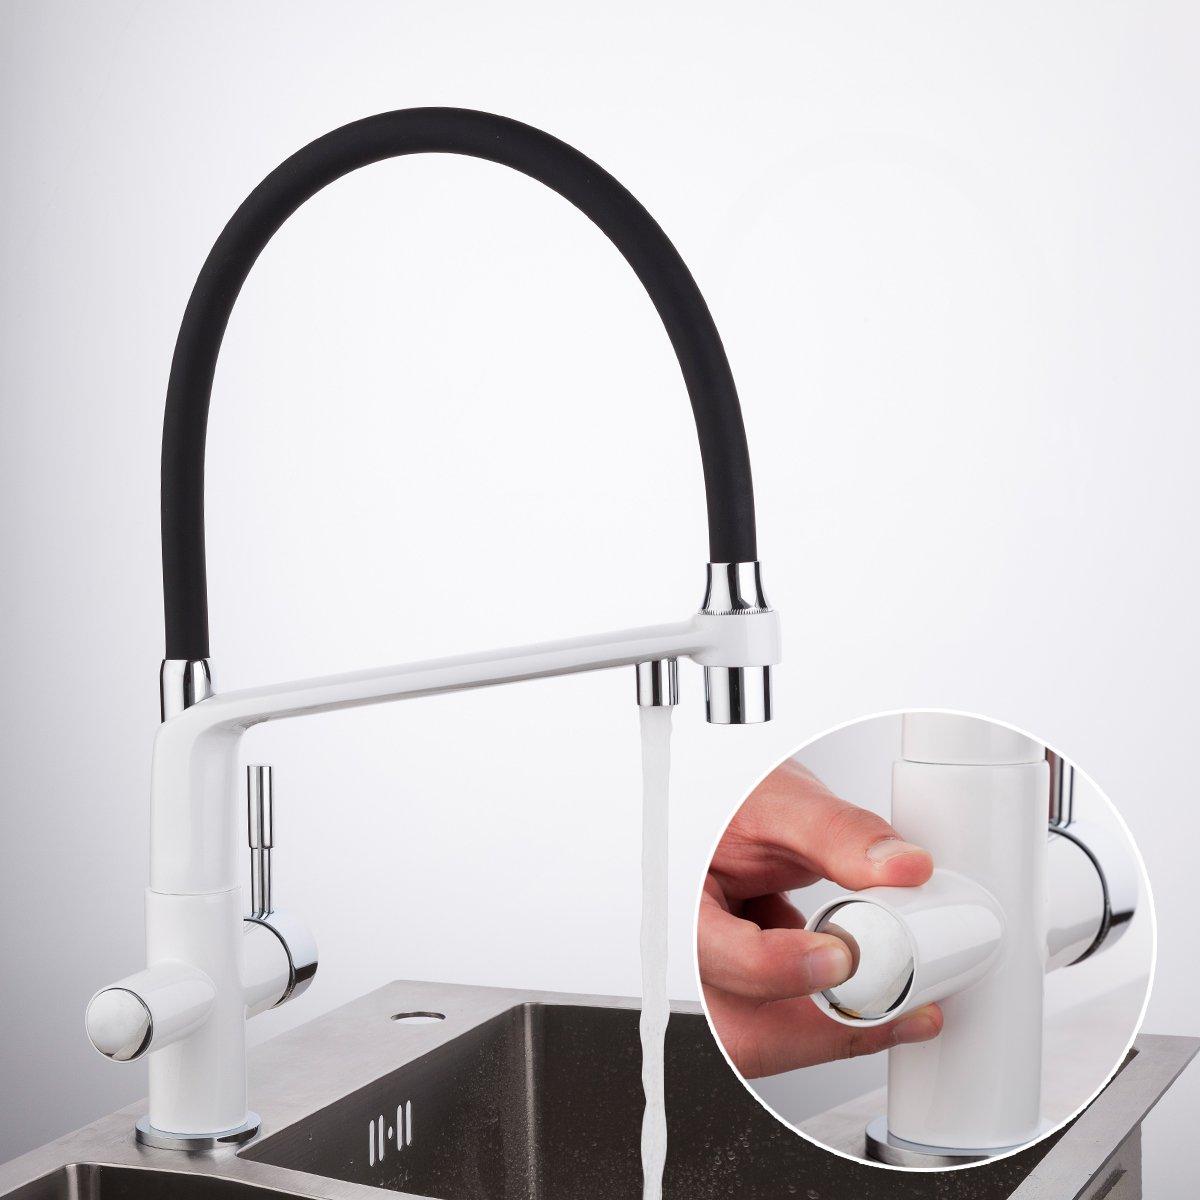 Fantastisch Kommerzielle Küchenspüle Fotos - Küchenschrank Ideen ...